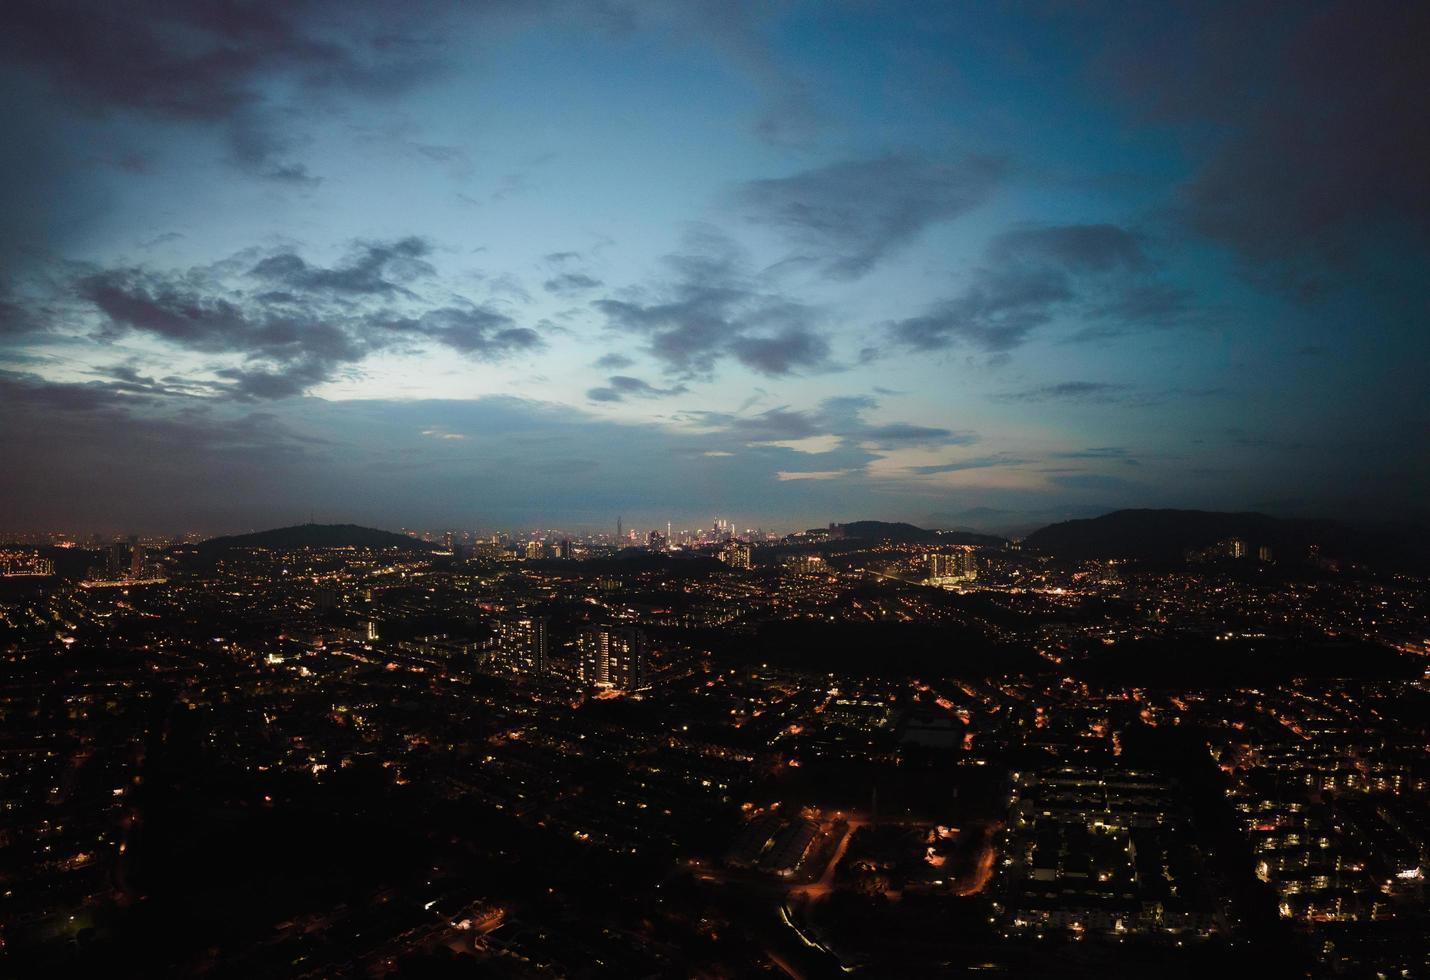 vista de la ciudad de noche foto